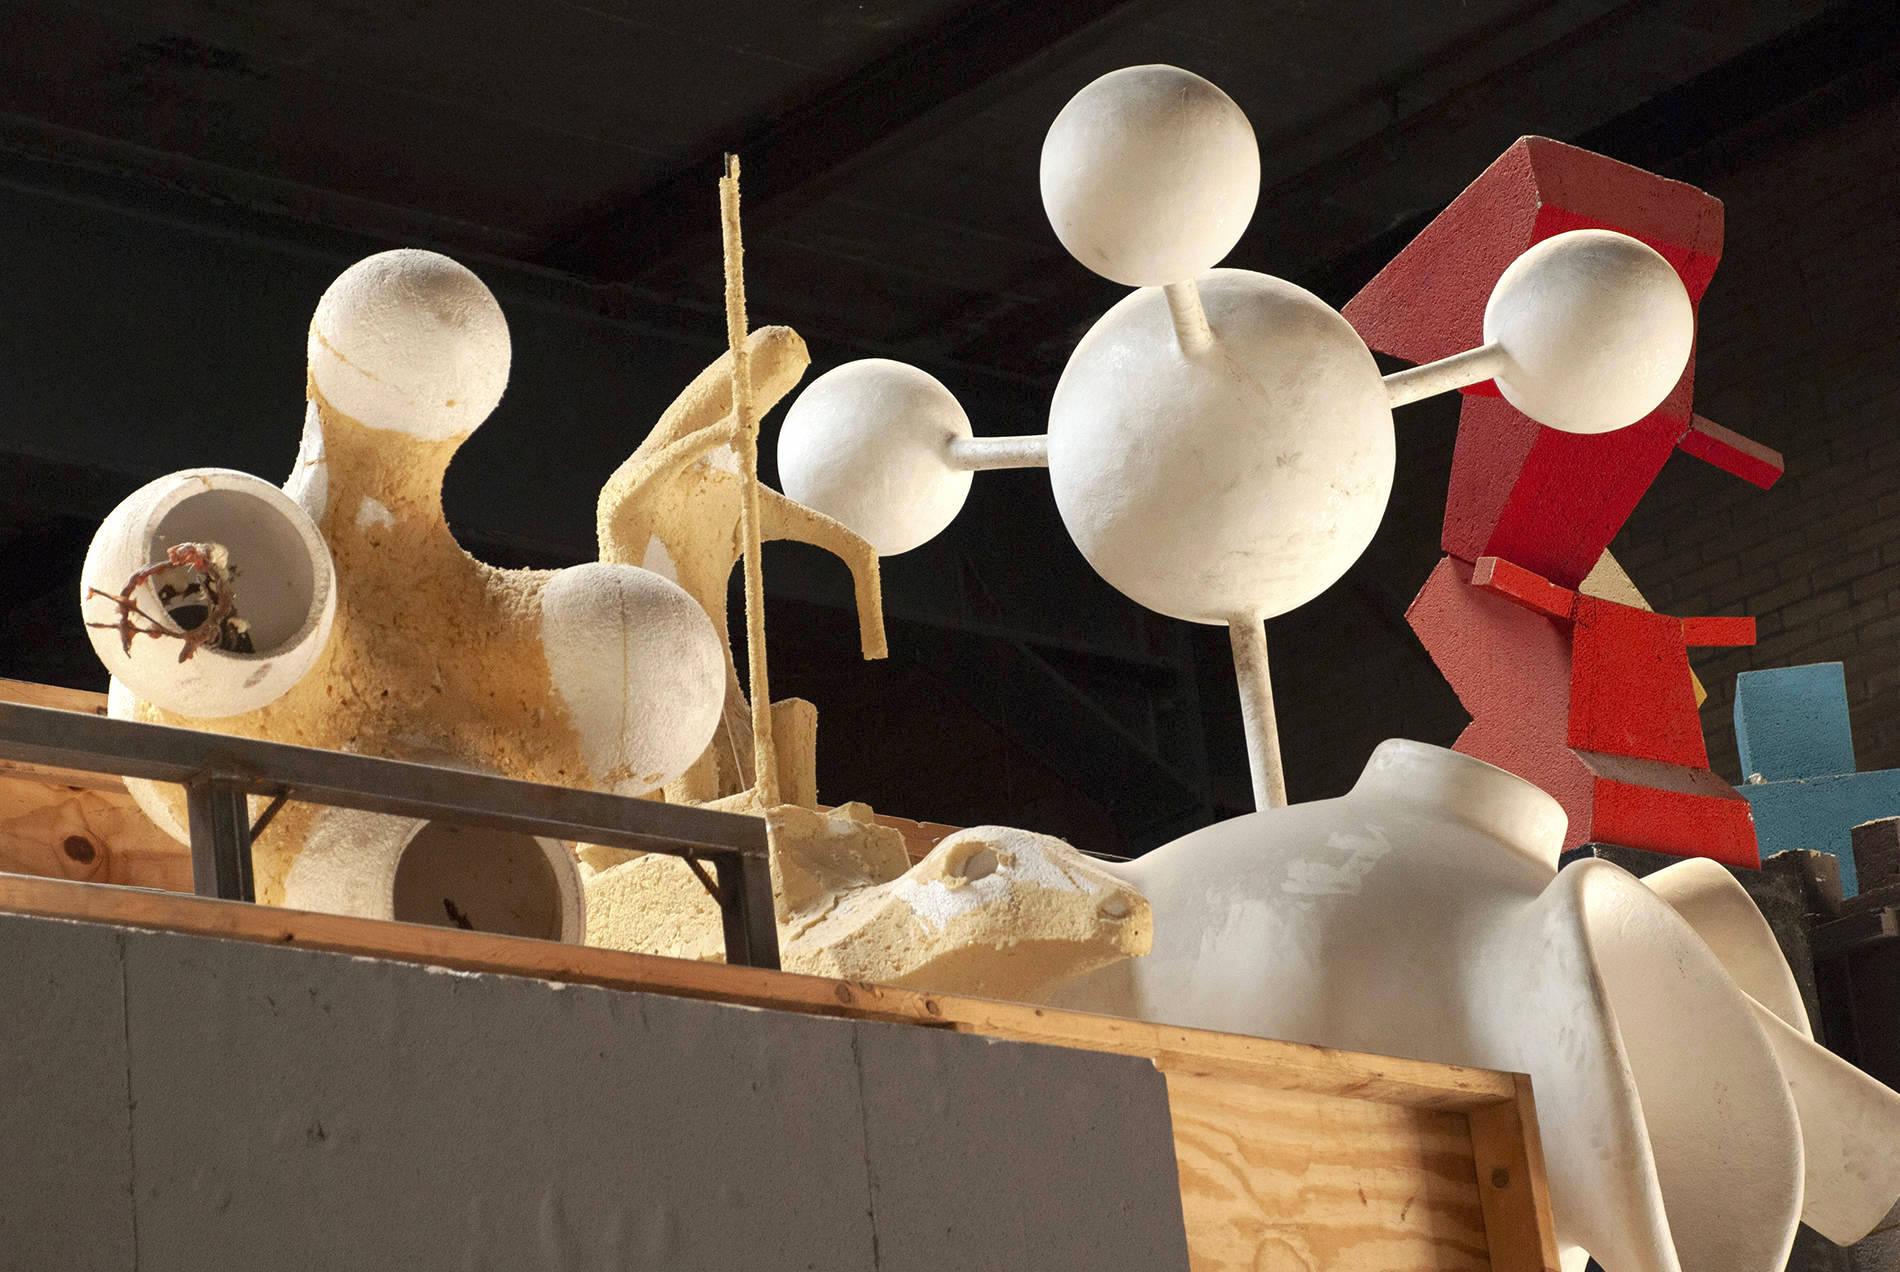 Atelier Van Lieshout. Selbst in Regalen abgestellte Skulpturen wirken wie in einer theatralen Inszenierung.